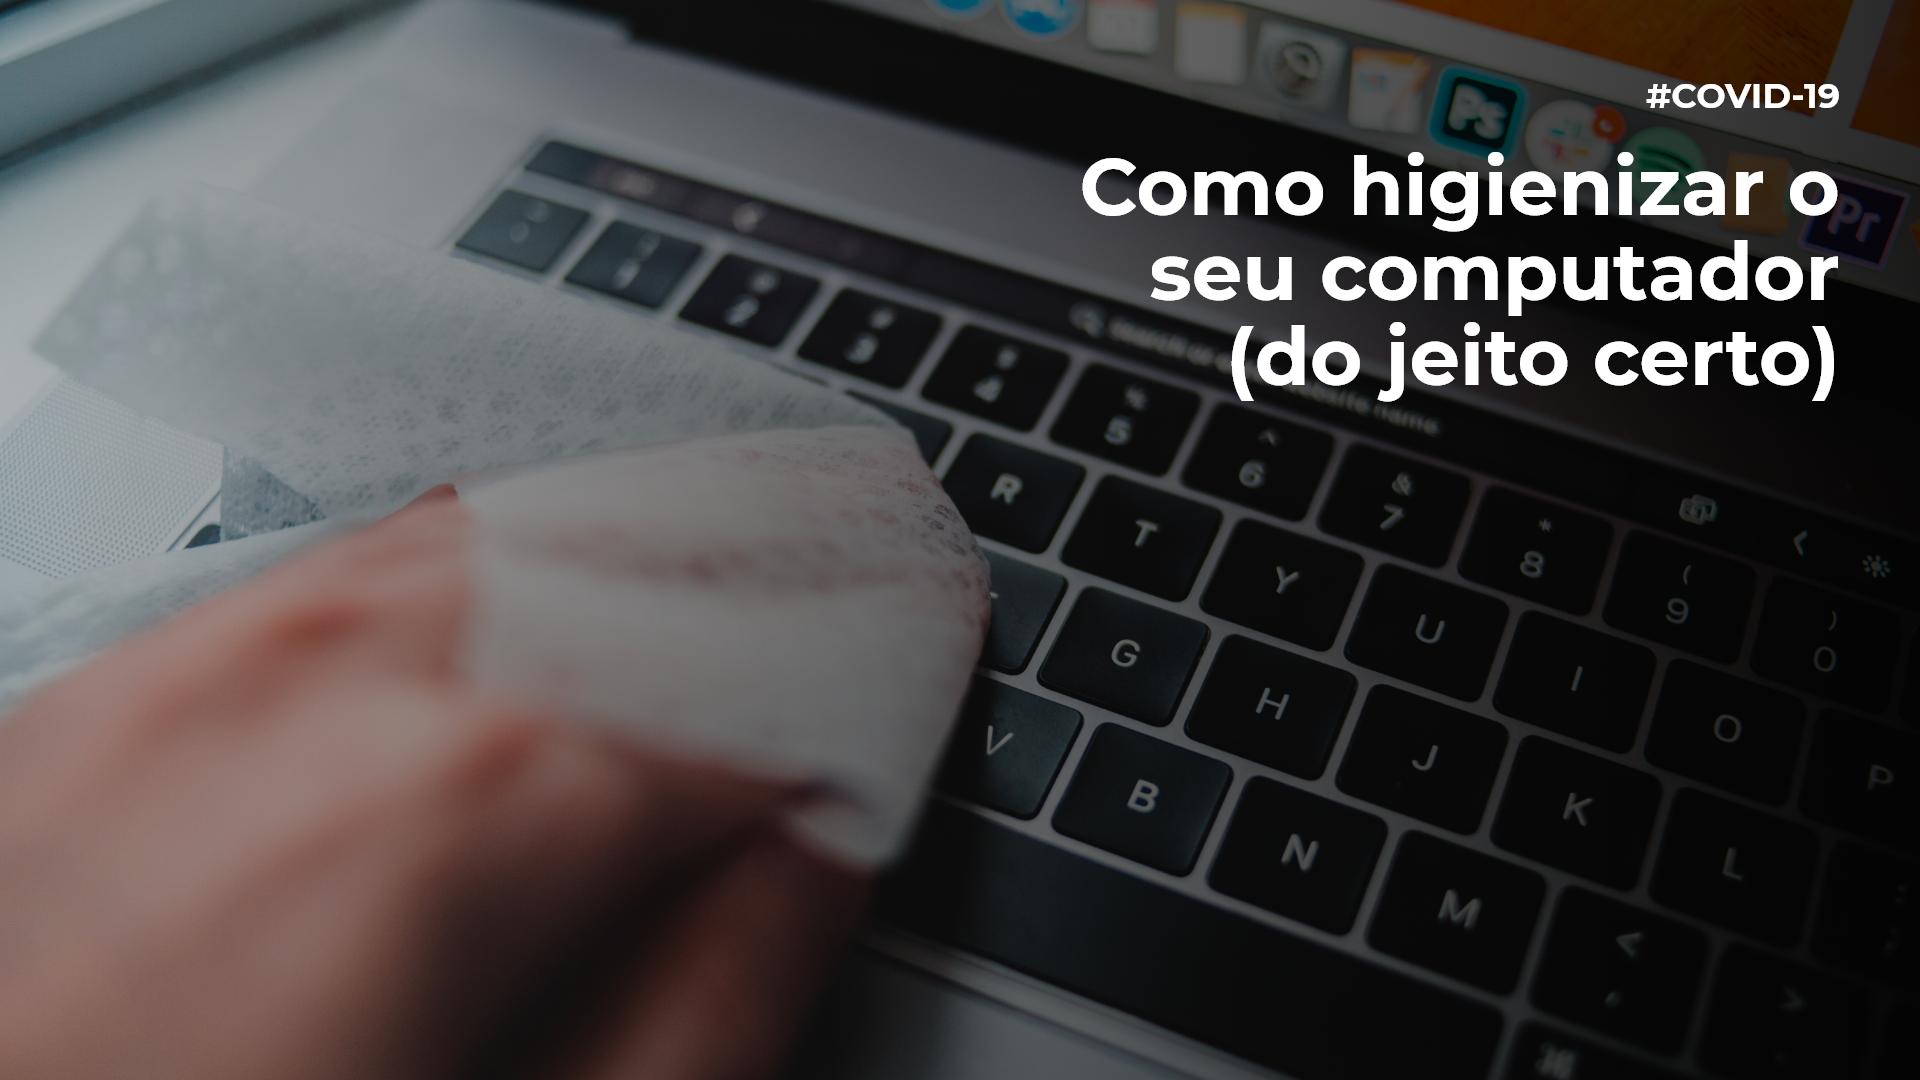 Na imagem de capa do texto que ensina como higienizar o seu computador (do jeito certo), vemos uma pessoa lipando seu laptop com uma flanela